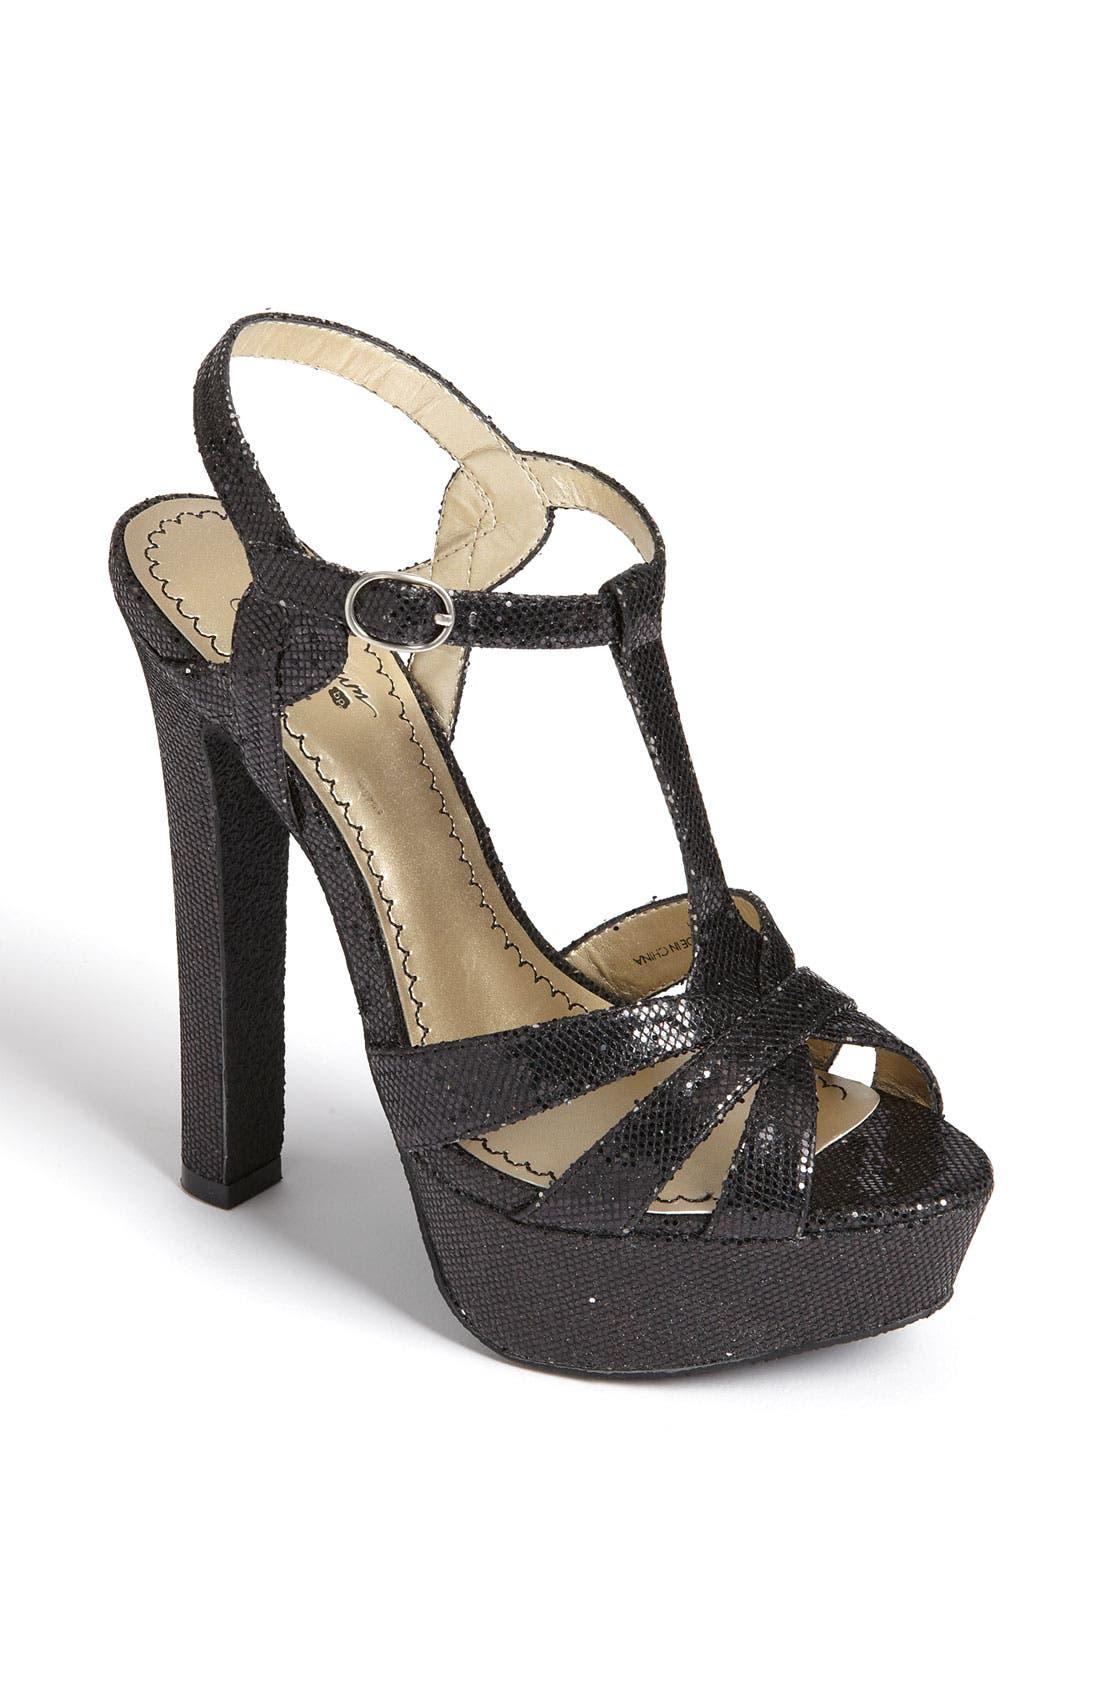 Main Image - BP. 'Glow' Platform Sandal